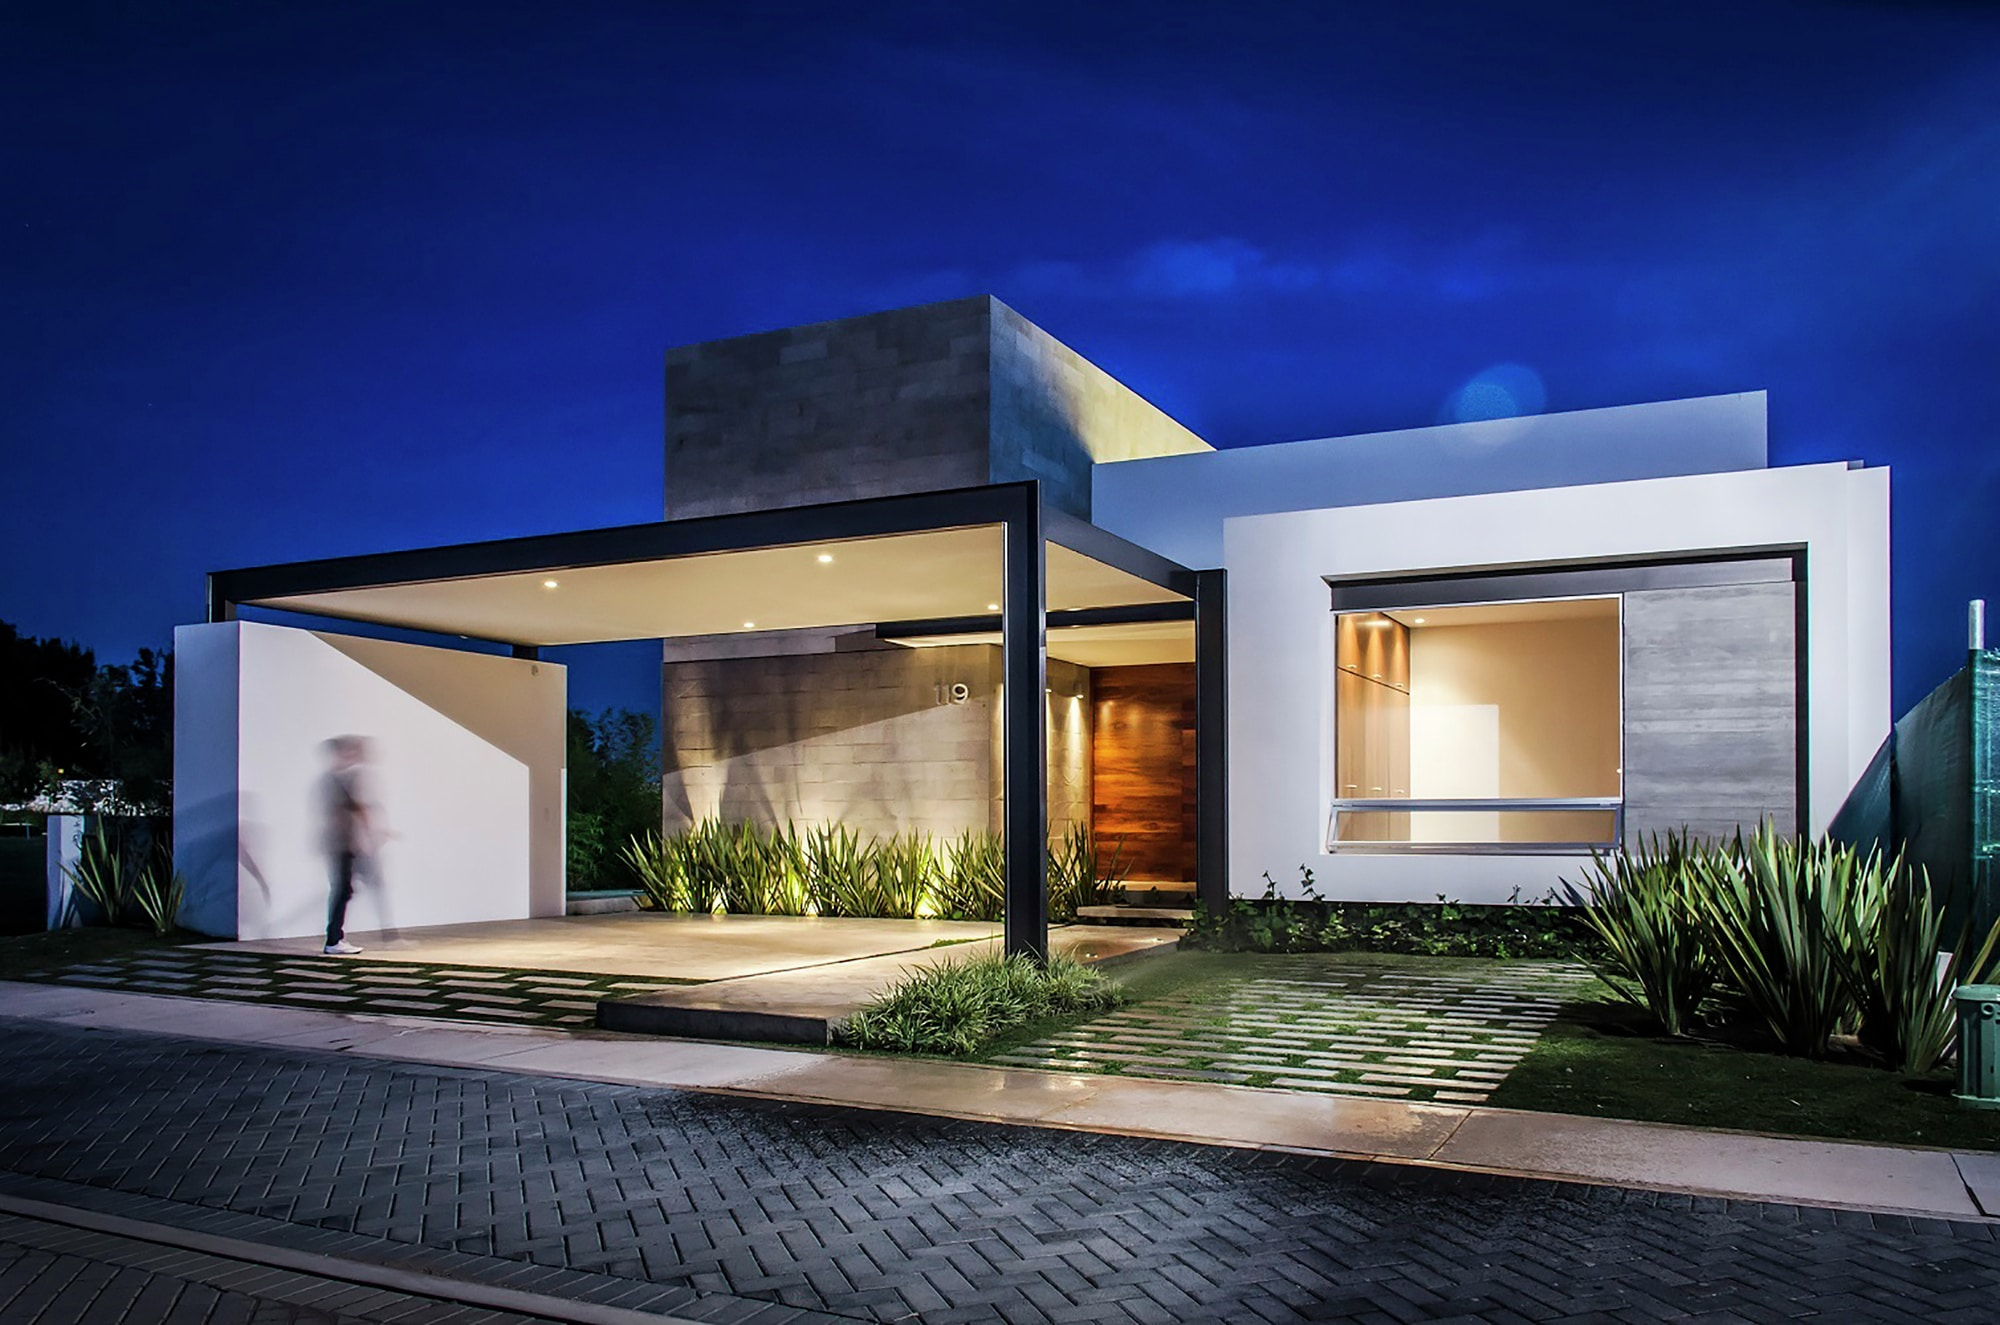 Dise o casa moderna de un piso Pisos para exteriores de casas modernas